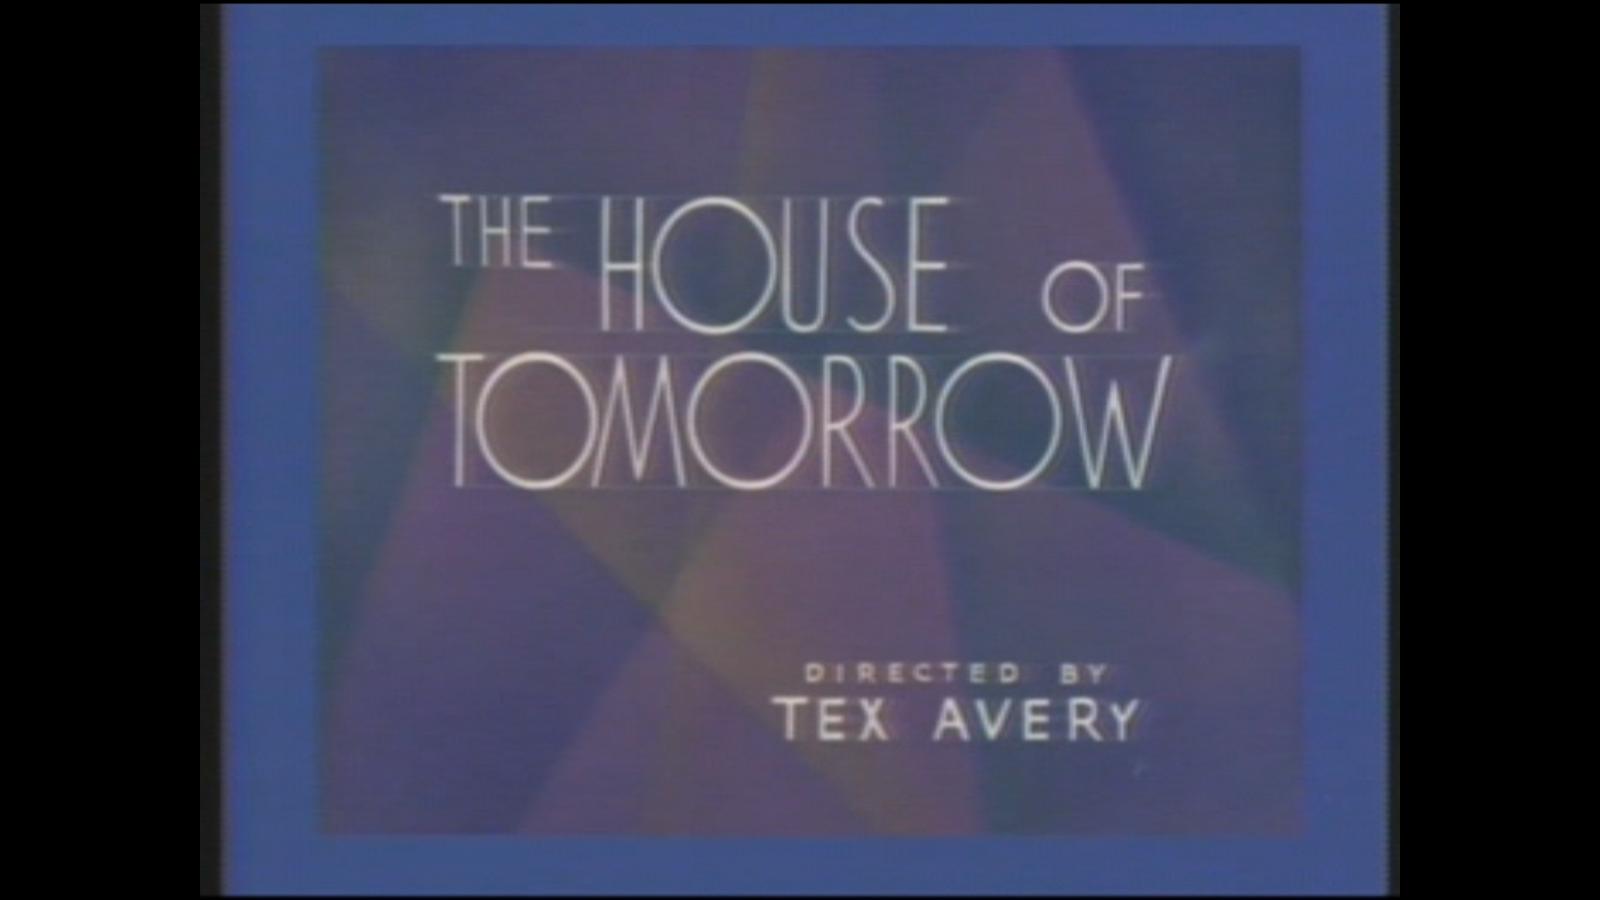 Tex avery house of tomorrow Avery house